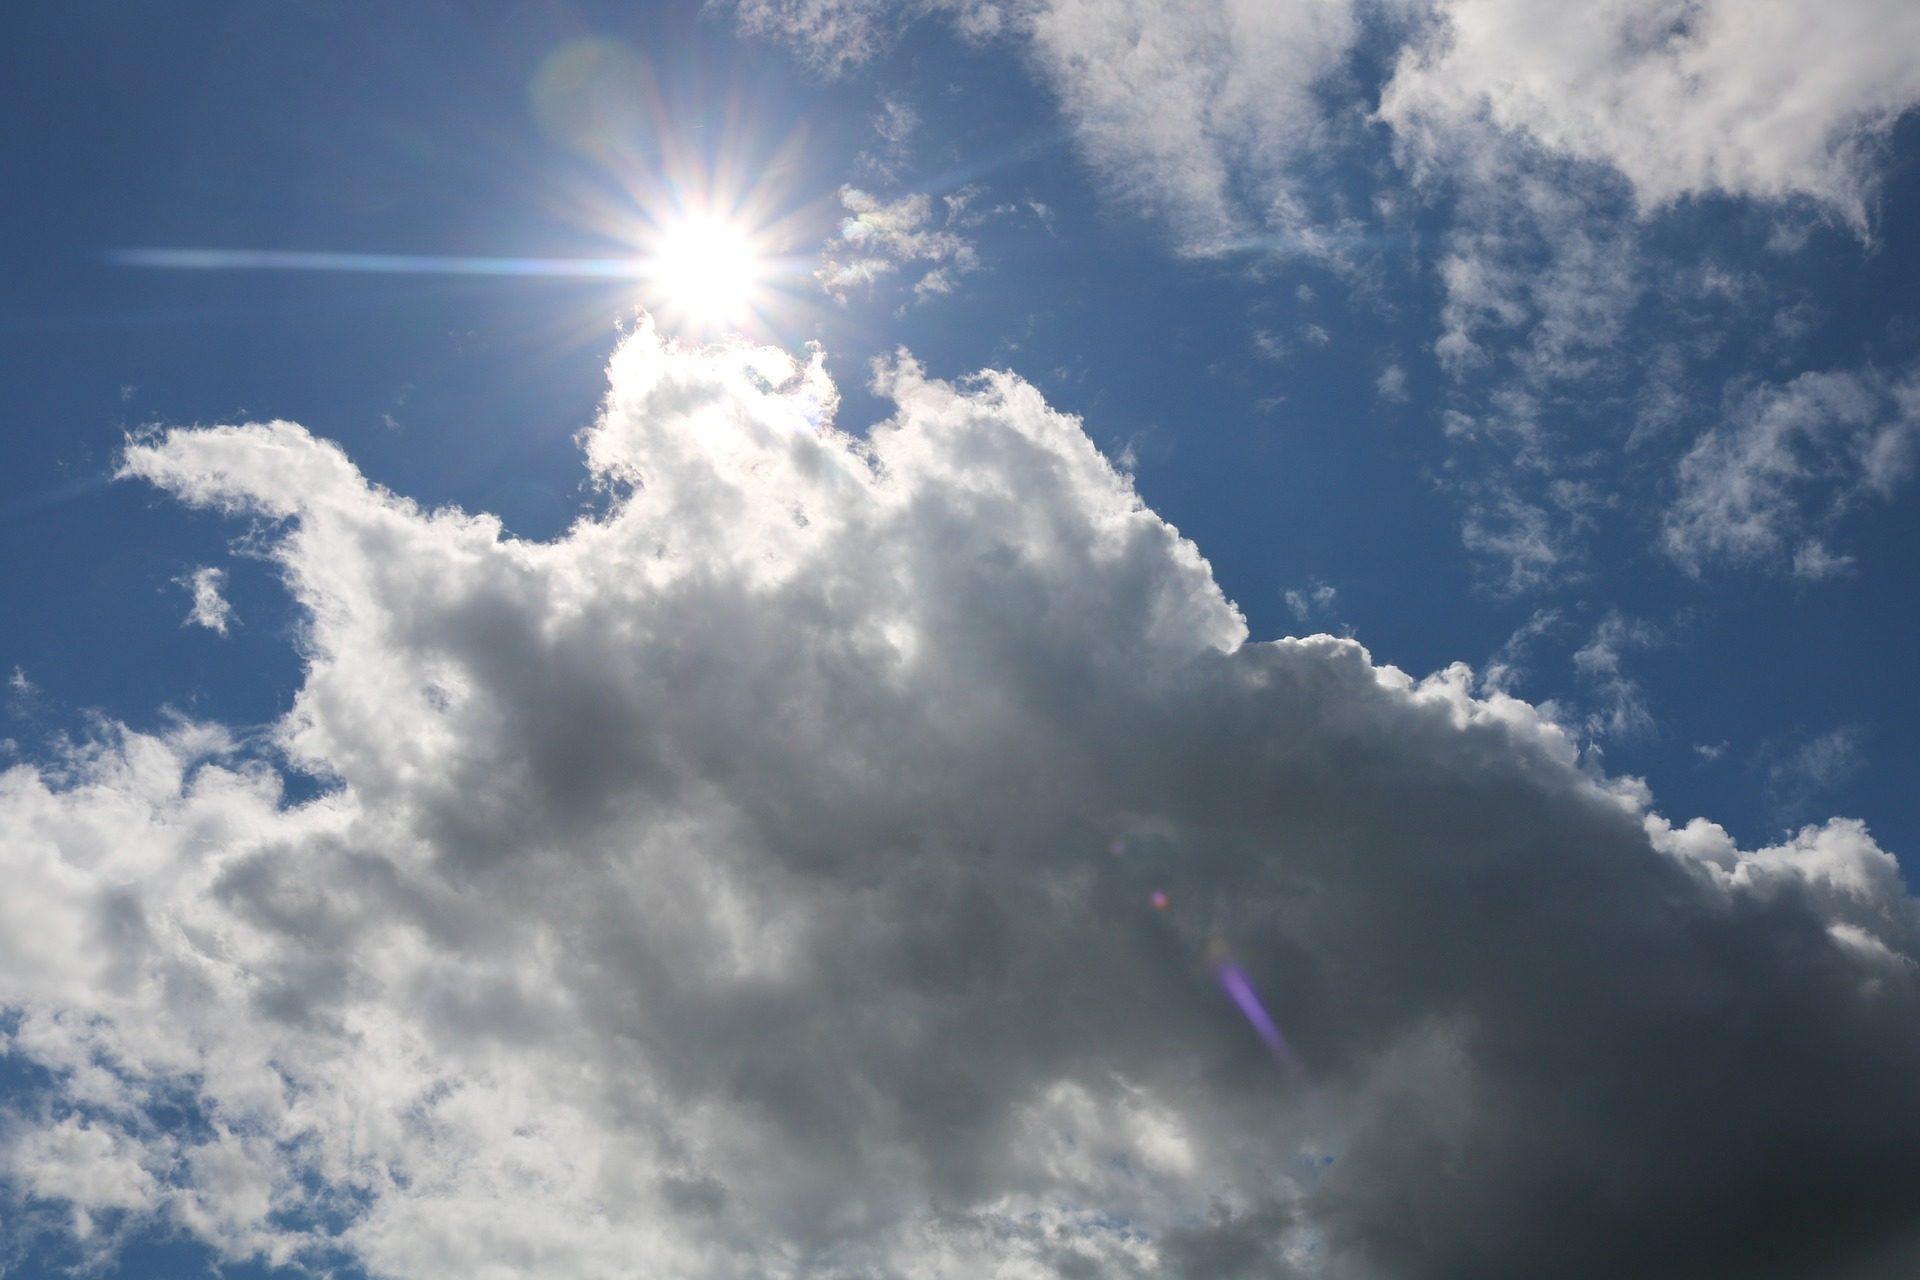 الشمس, أشعة, هالات, السحب., السماء, الحرارة - خلفيات عالية الدقة - أستاذ falken.com